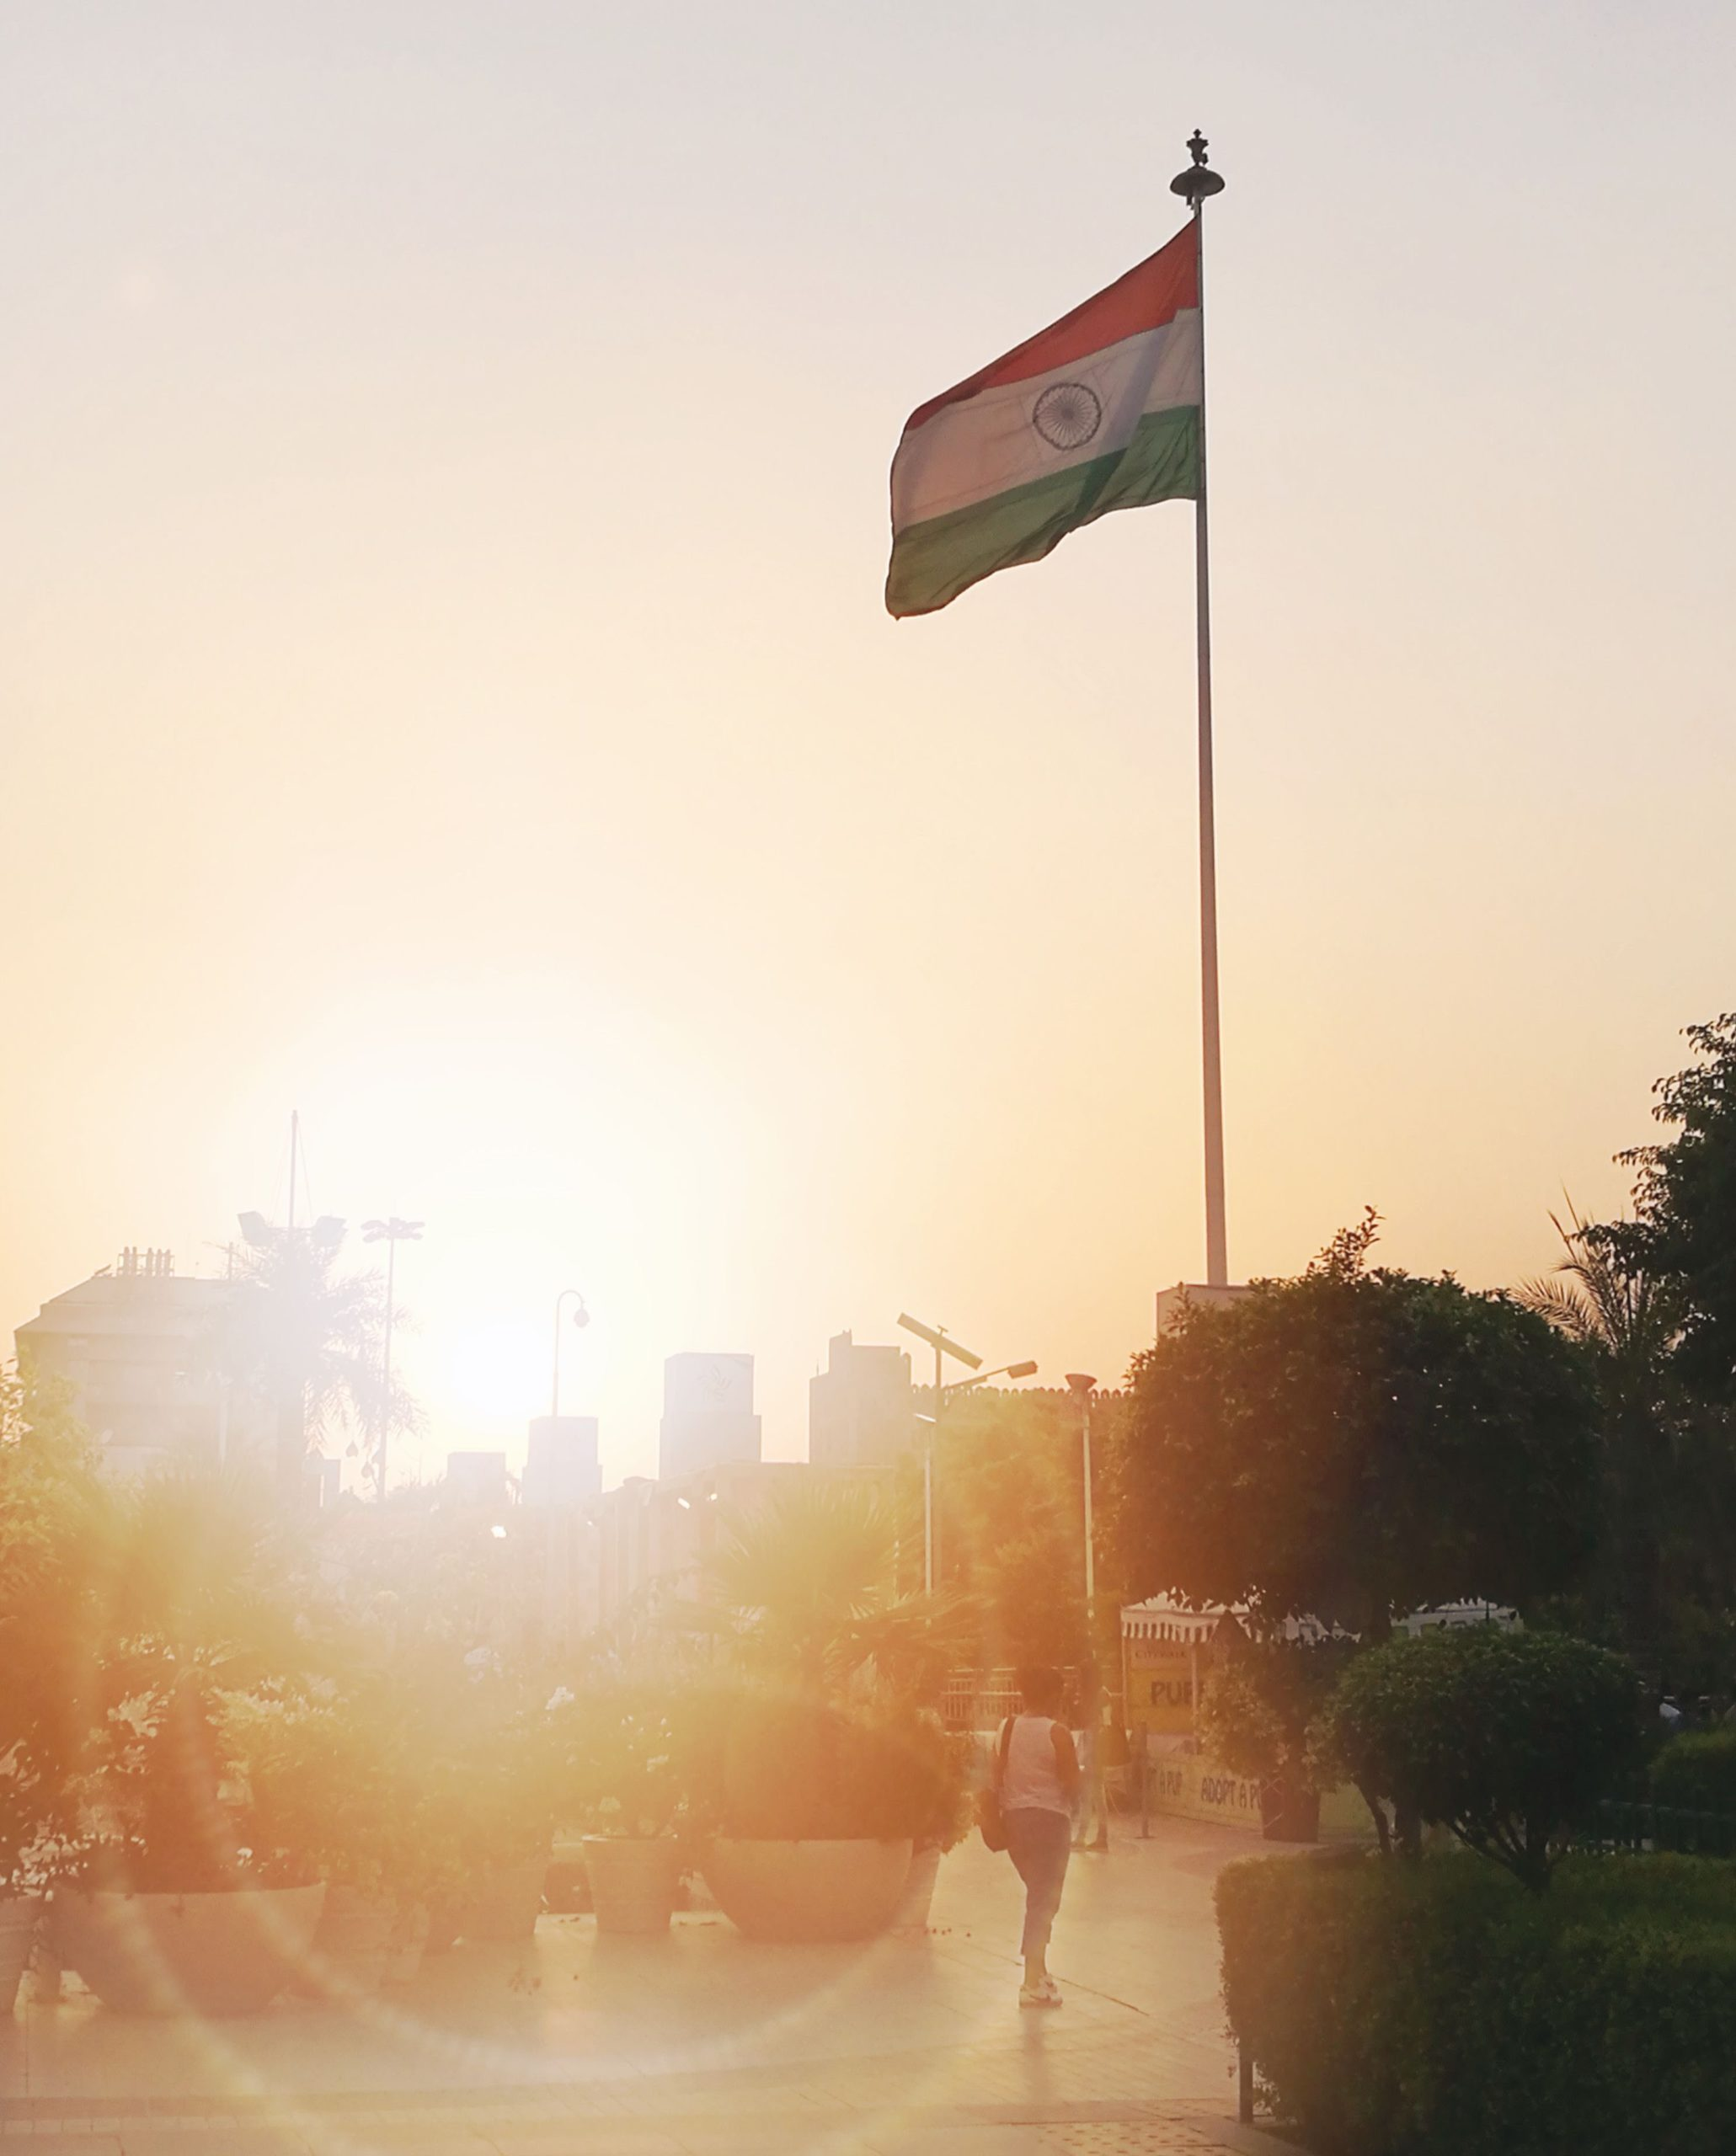 Dit is wat reizen in India met je doet